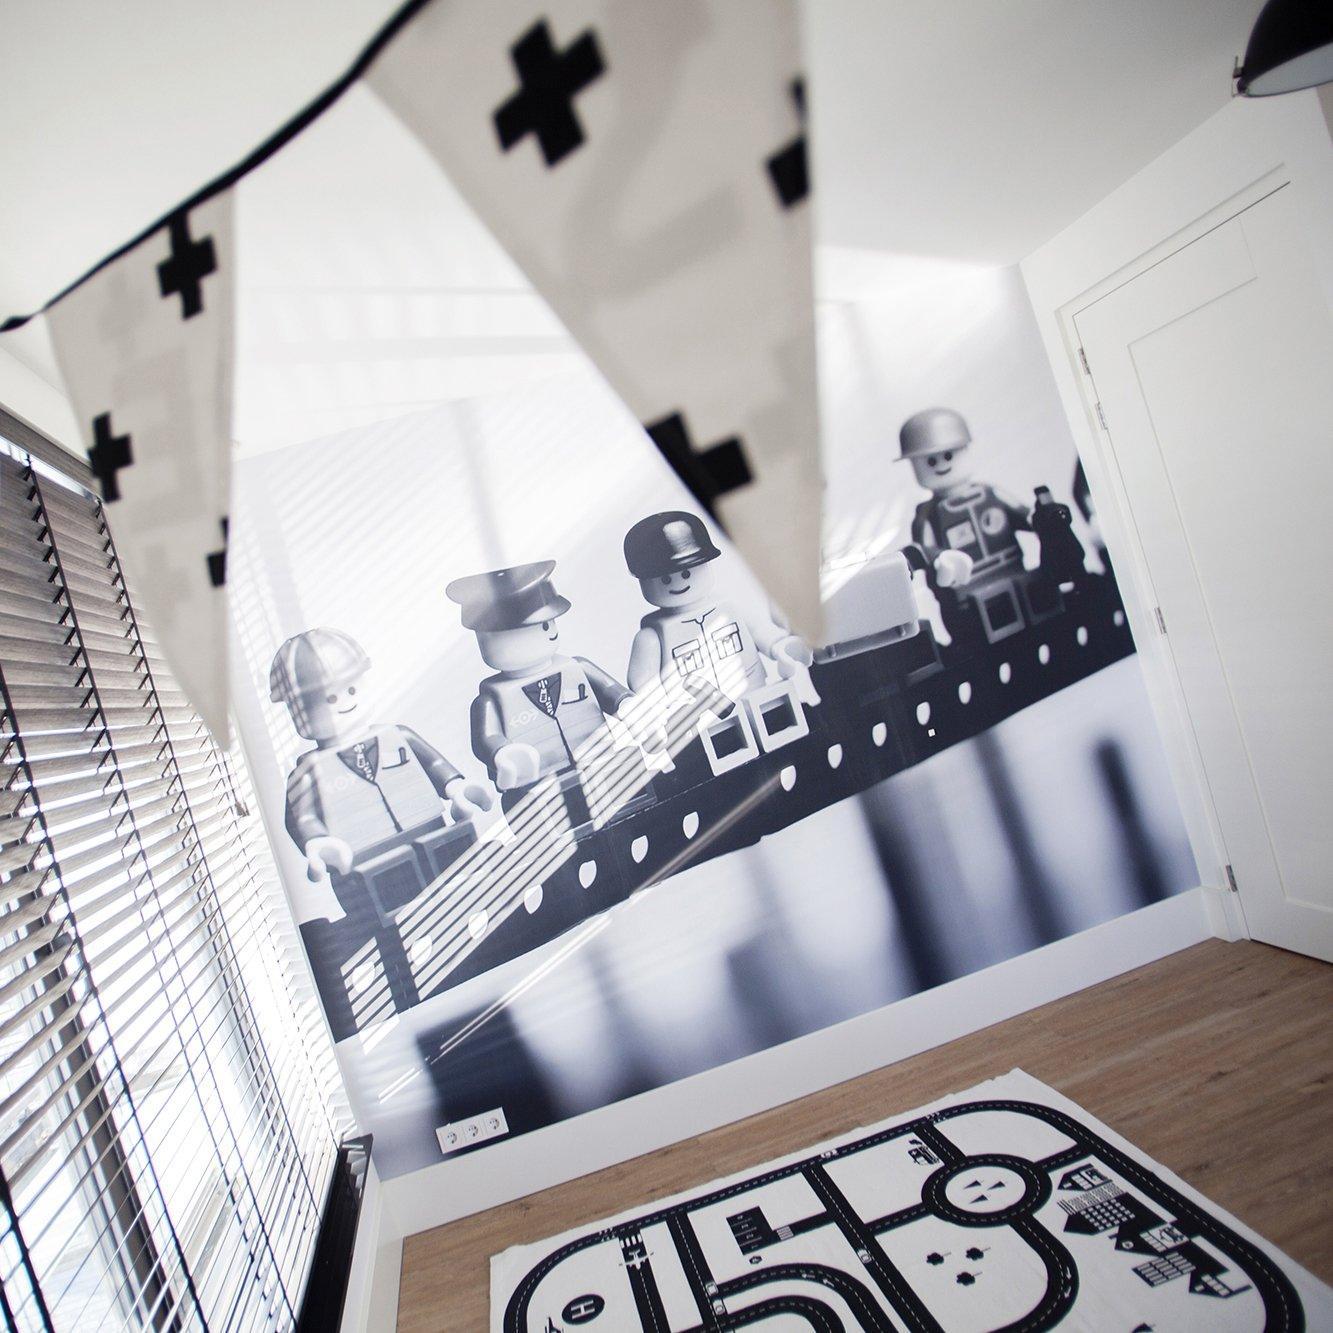 Zelf Behang Printen.Fotobehang Van Panelprint Maak Een Unieke Indruk